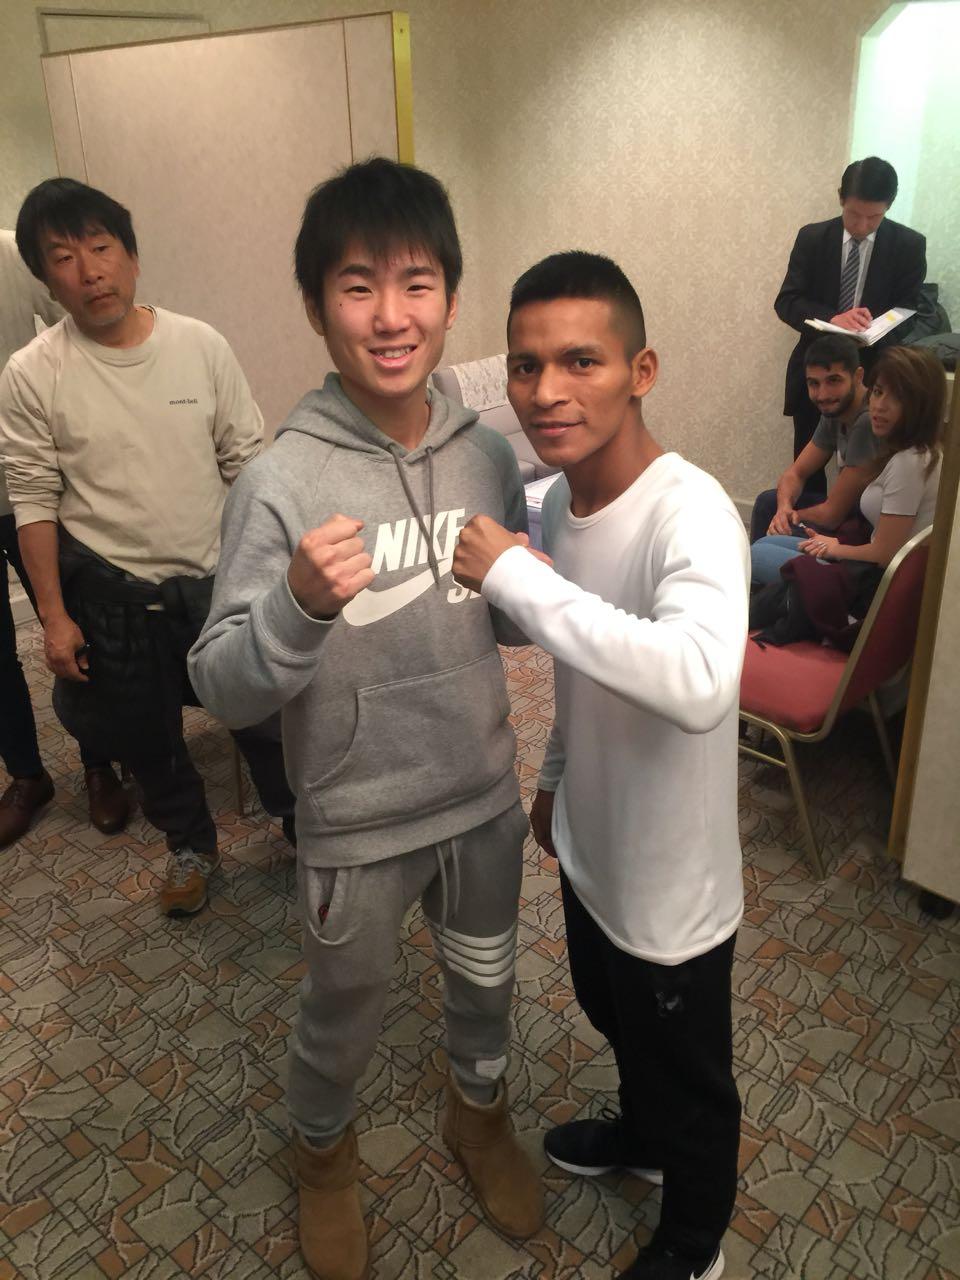 Pedroza en entrenamiento público en Japón